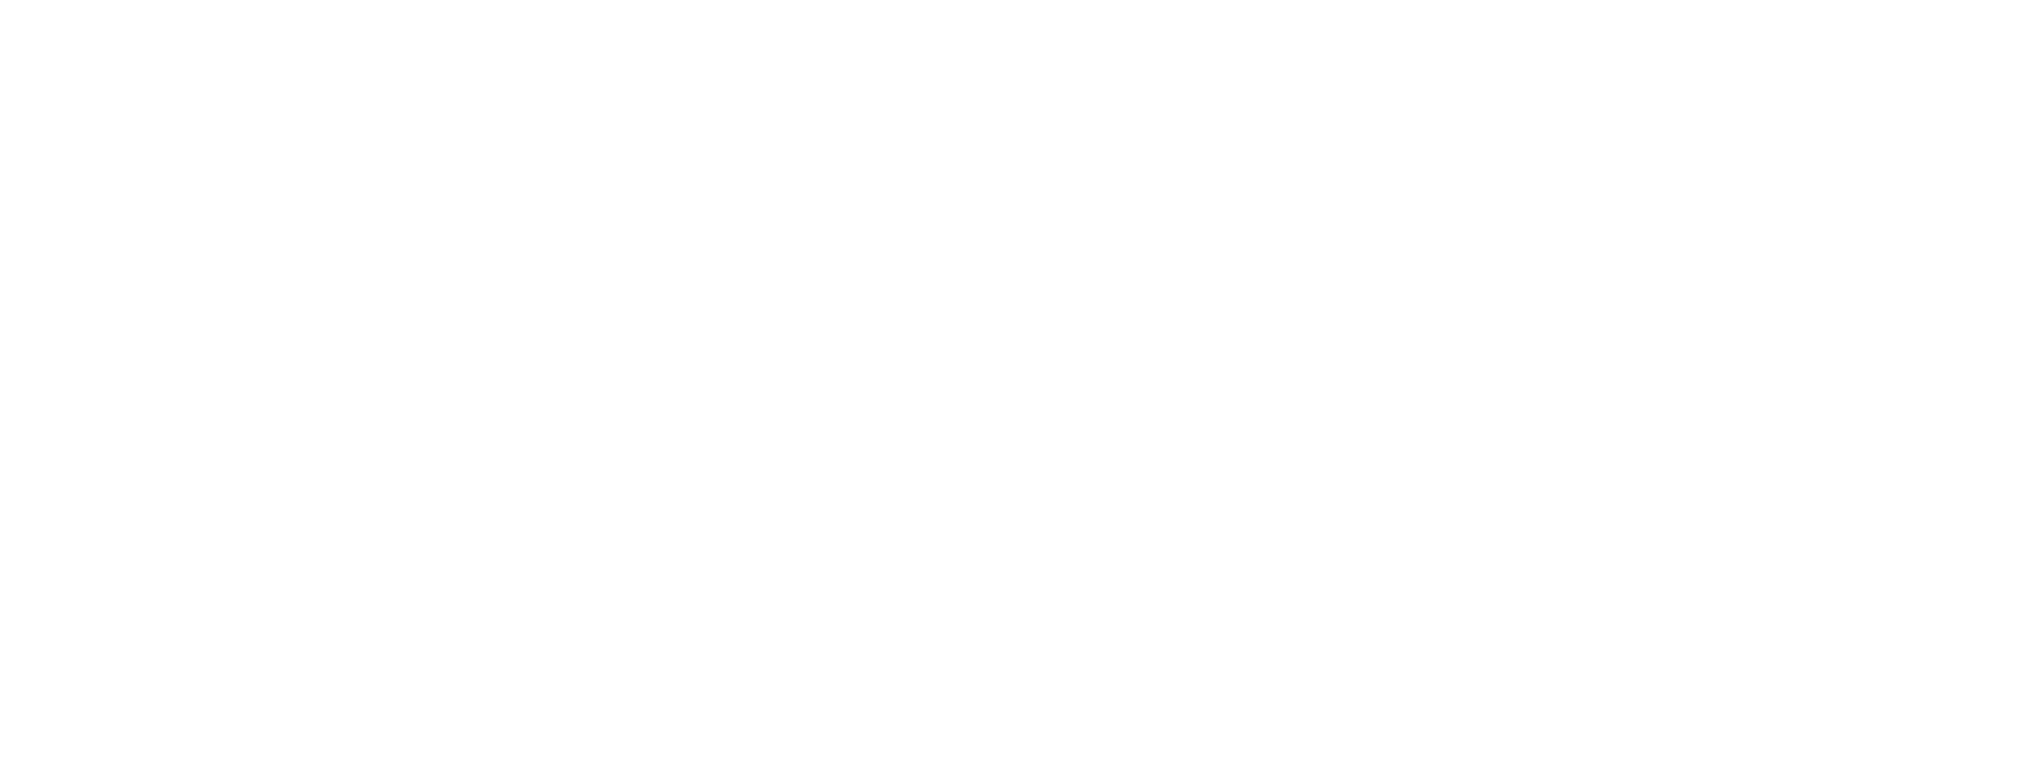 Patriot Electric | Services | Concord, MA